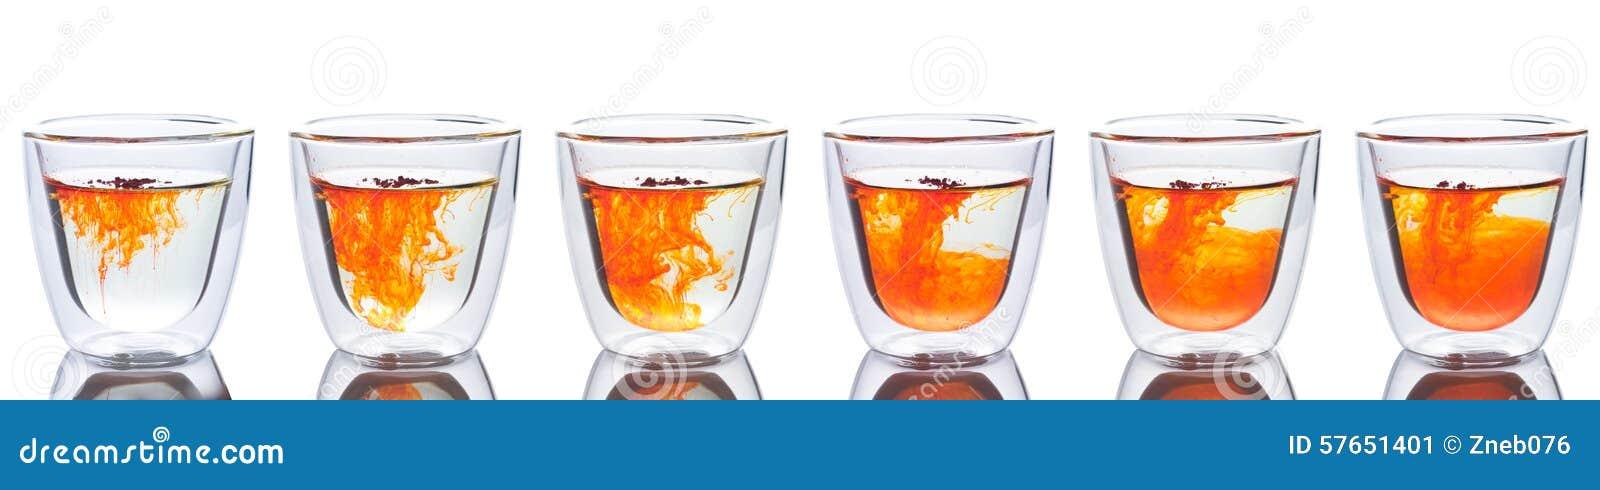 Pomarańczowy koloru rozszerzanie się w szkle woda